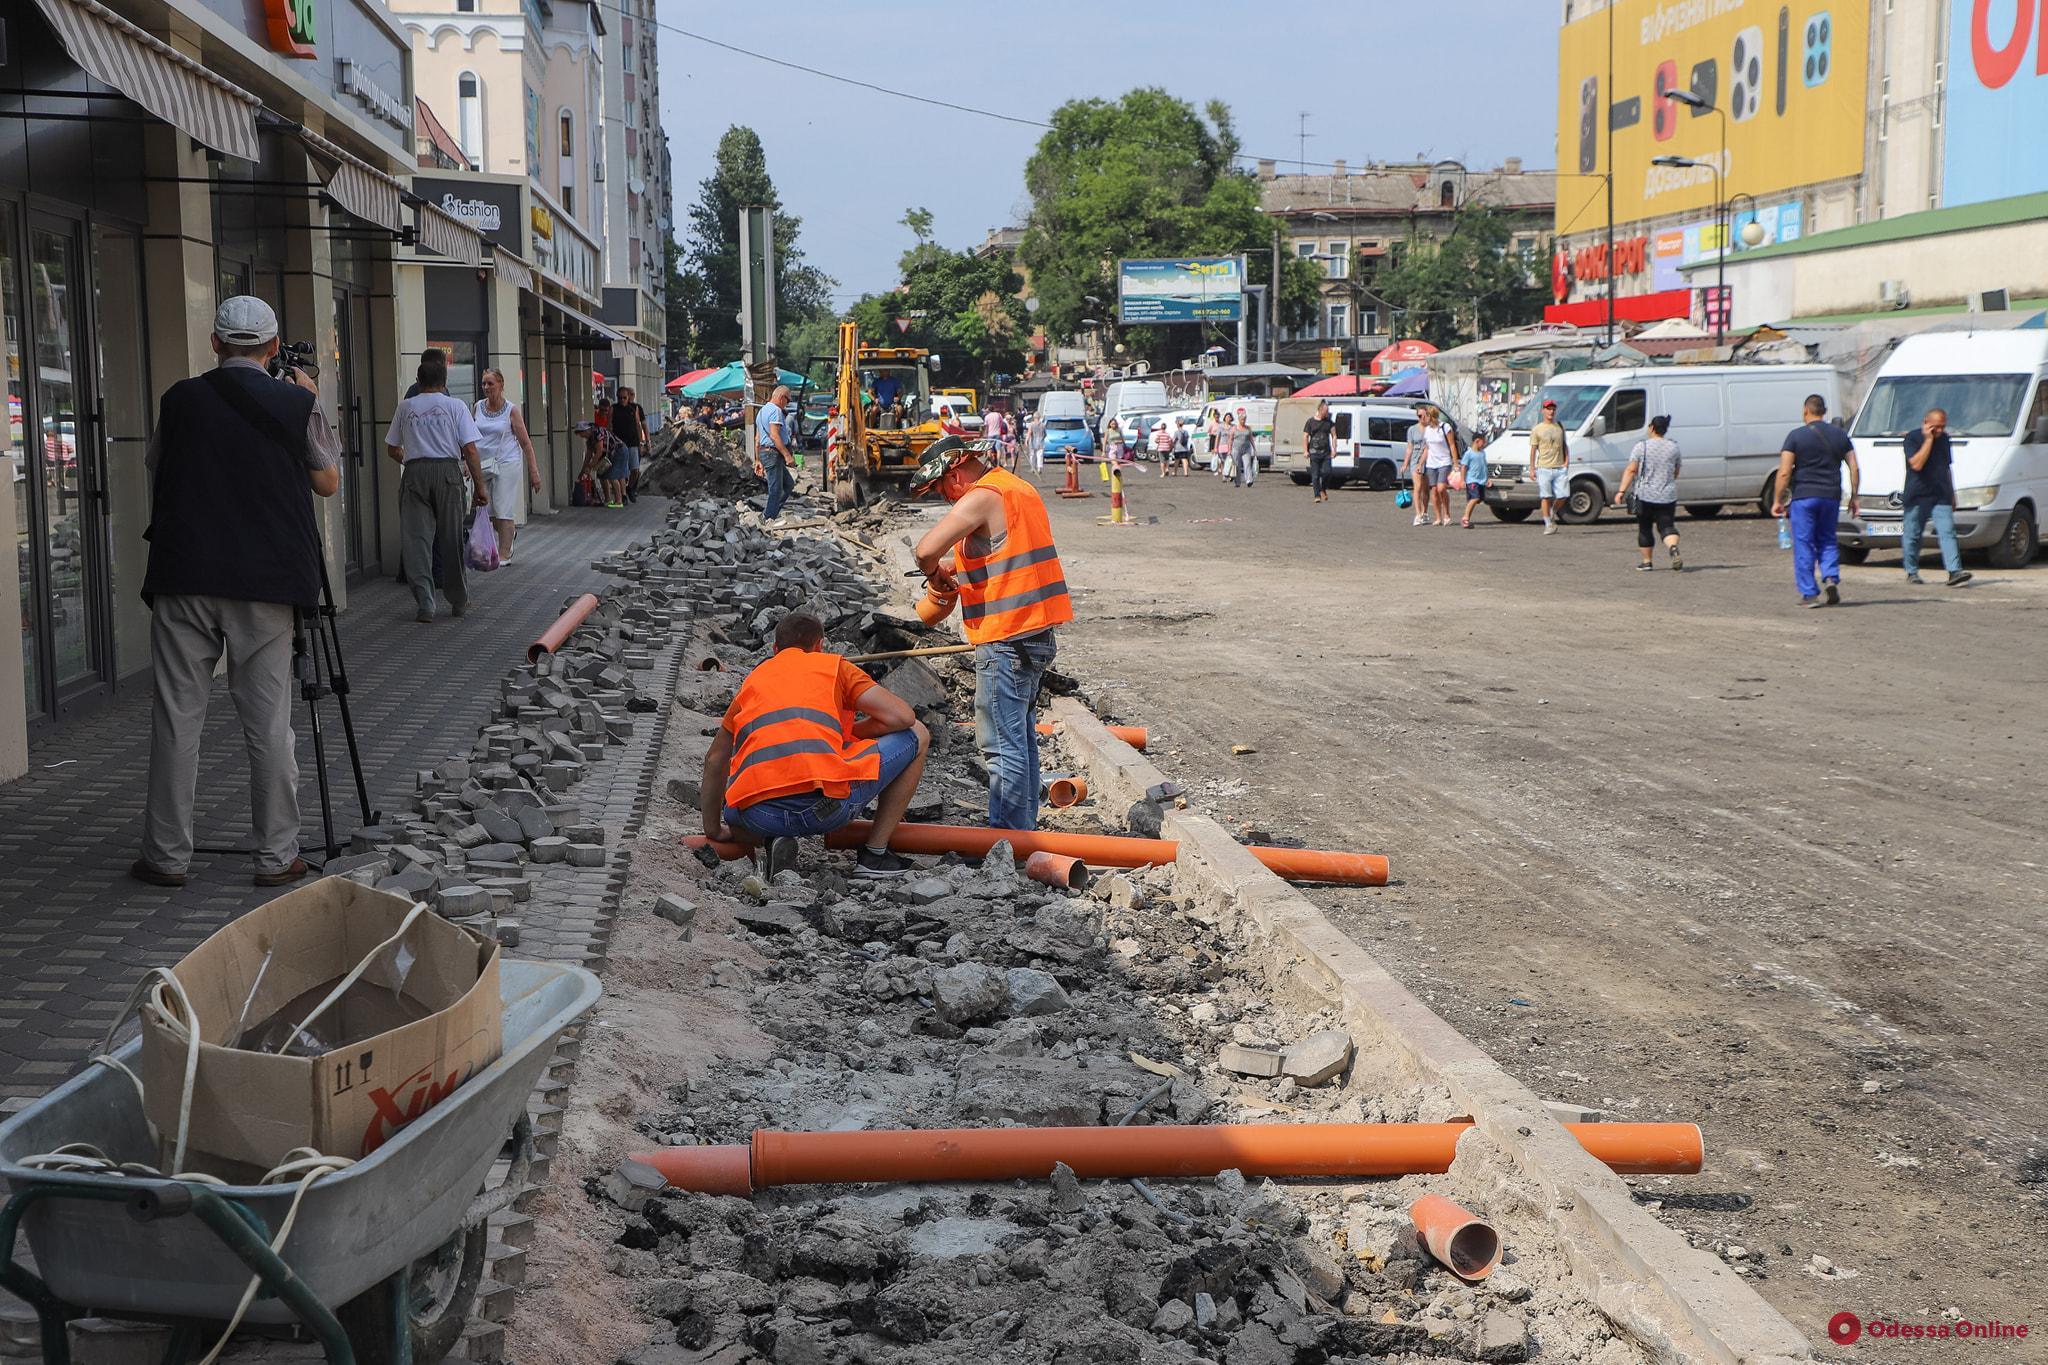 Широкие тротуары и выделенные полосы для общественного транспорта – у «Привоза» продолжаются работы по благоустройству